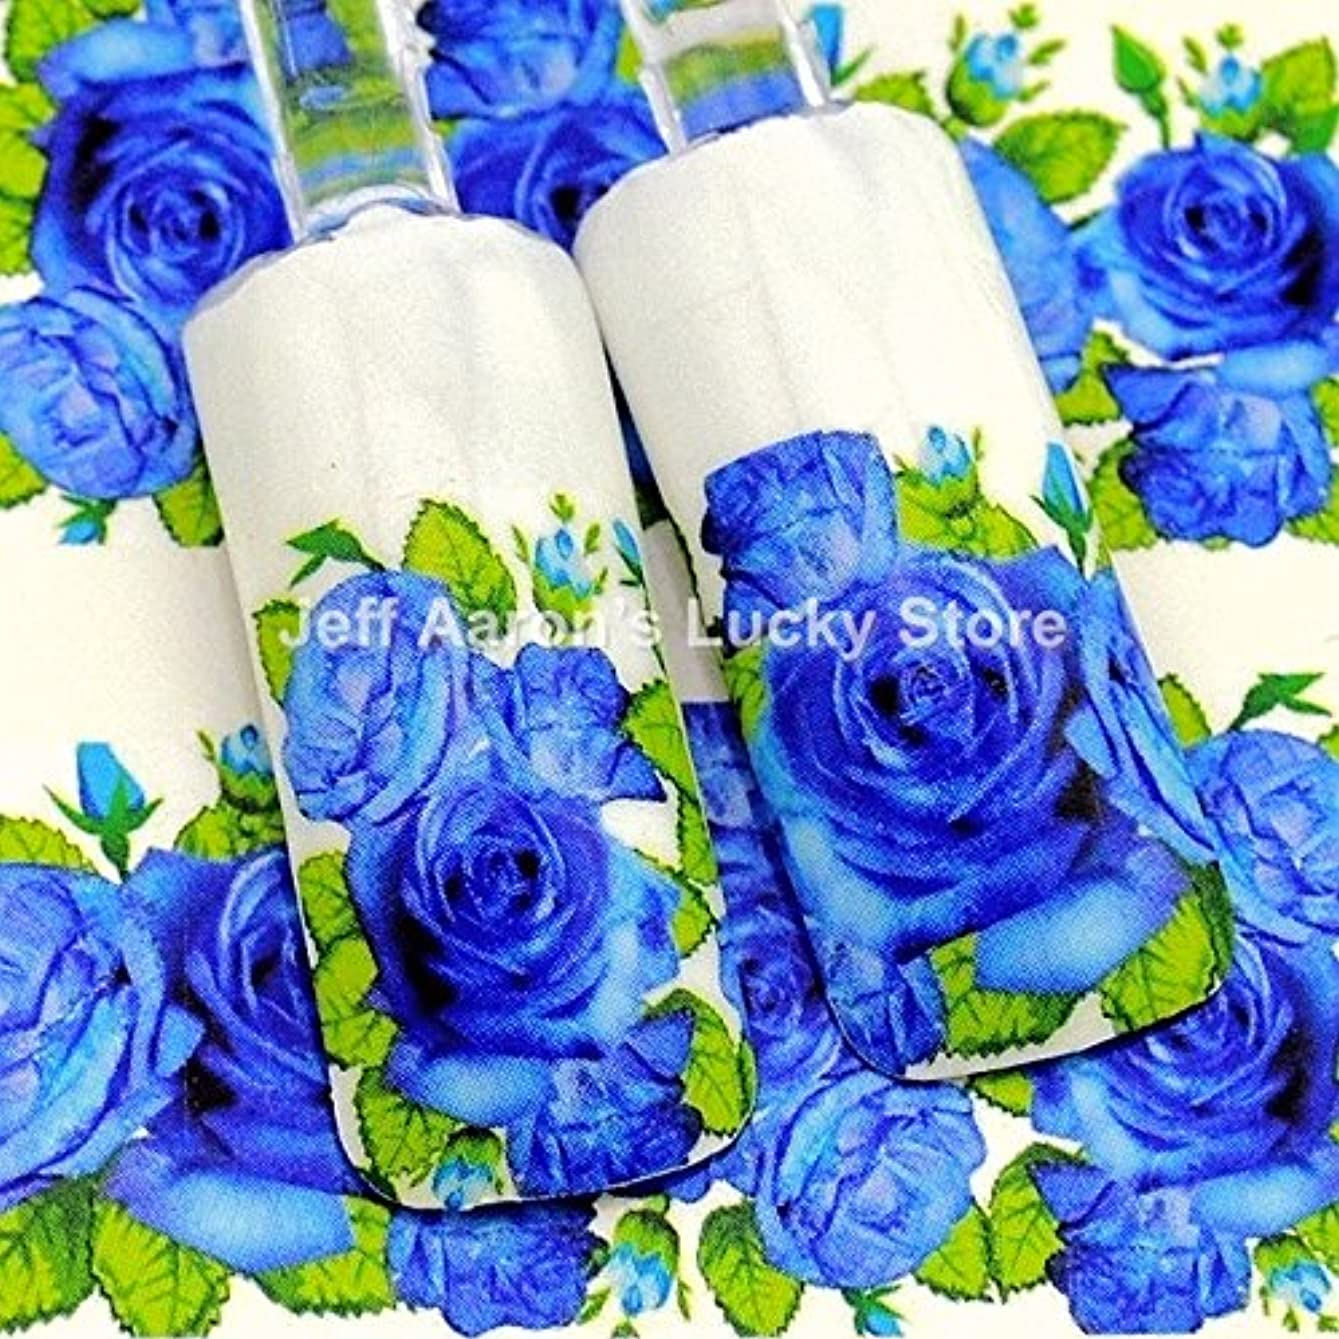 ペインティング航空会社ホイールIthern(TM)5PCS / lotの美容水の転送ネイルステッカーネイルアート装飾用品工具青デカール花のレースのデザインをバラ